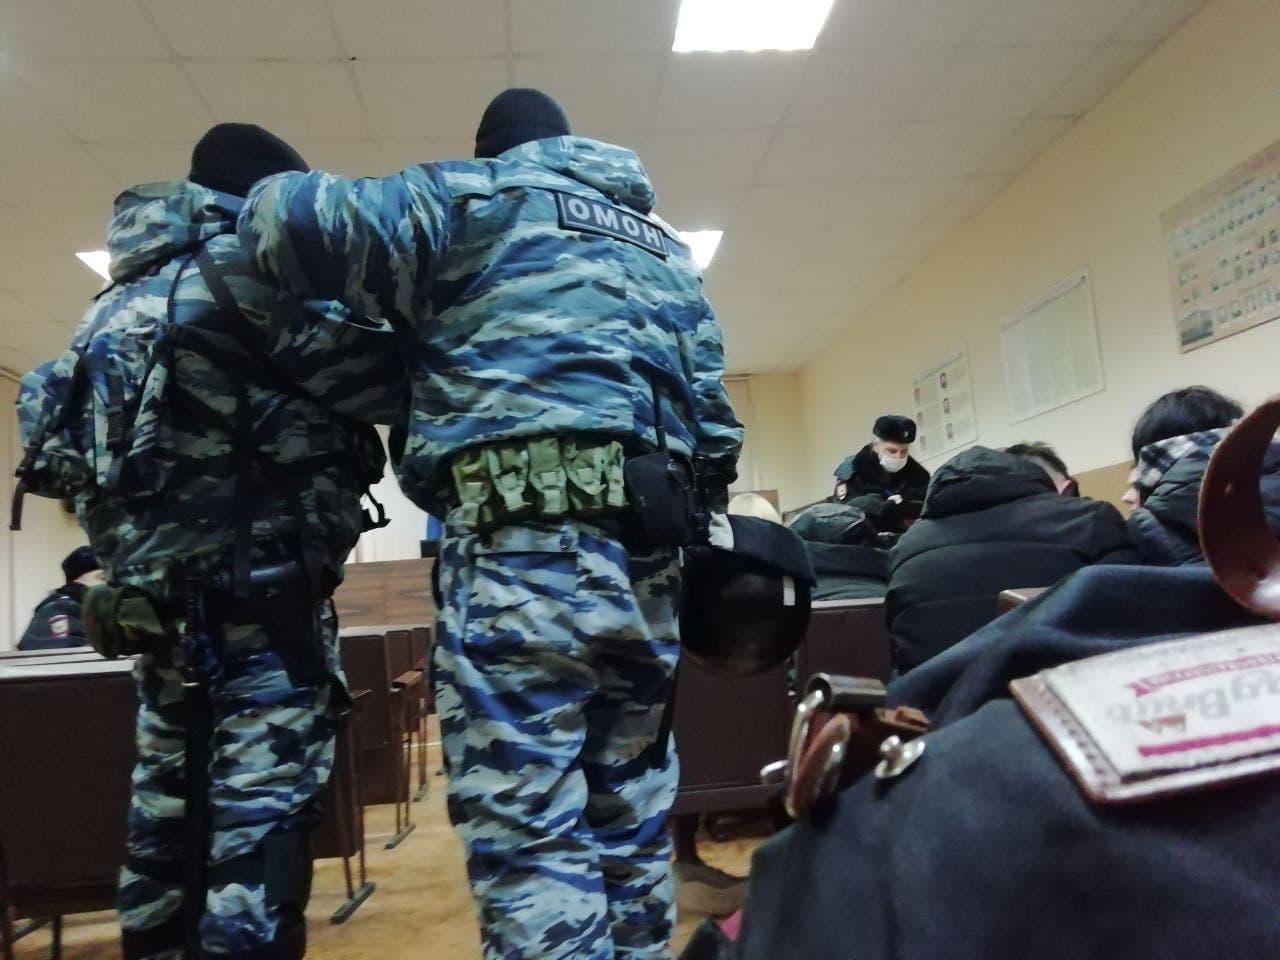 Задержанные сейчас находятся в РОВД. Полиция скрывает их количество